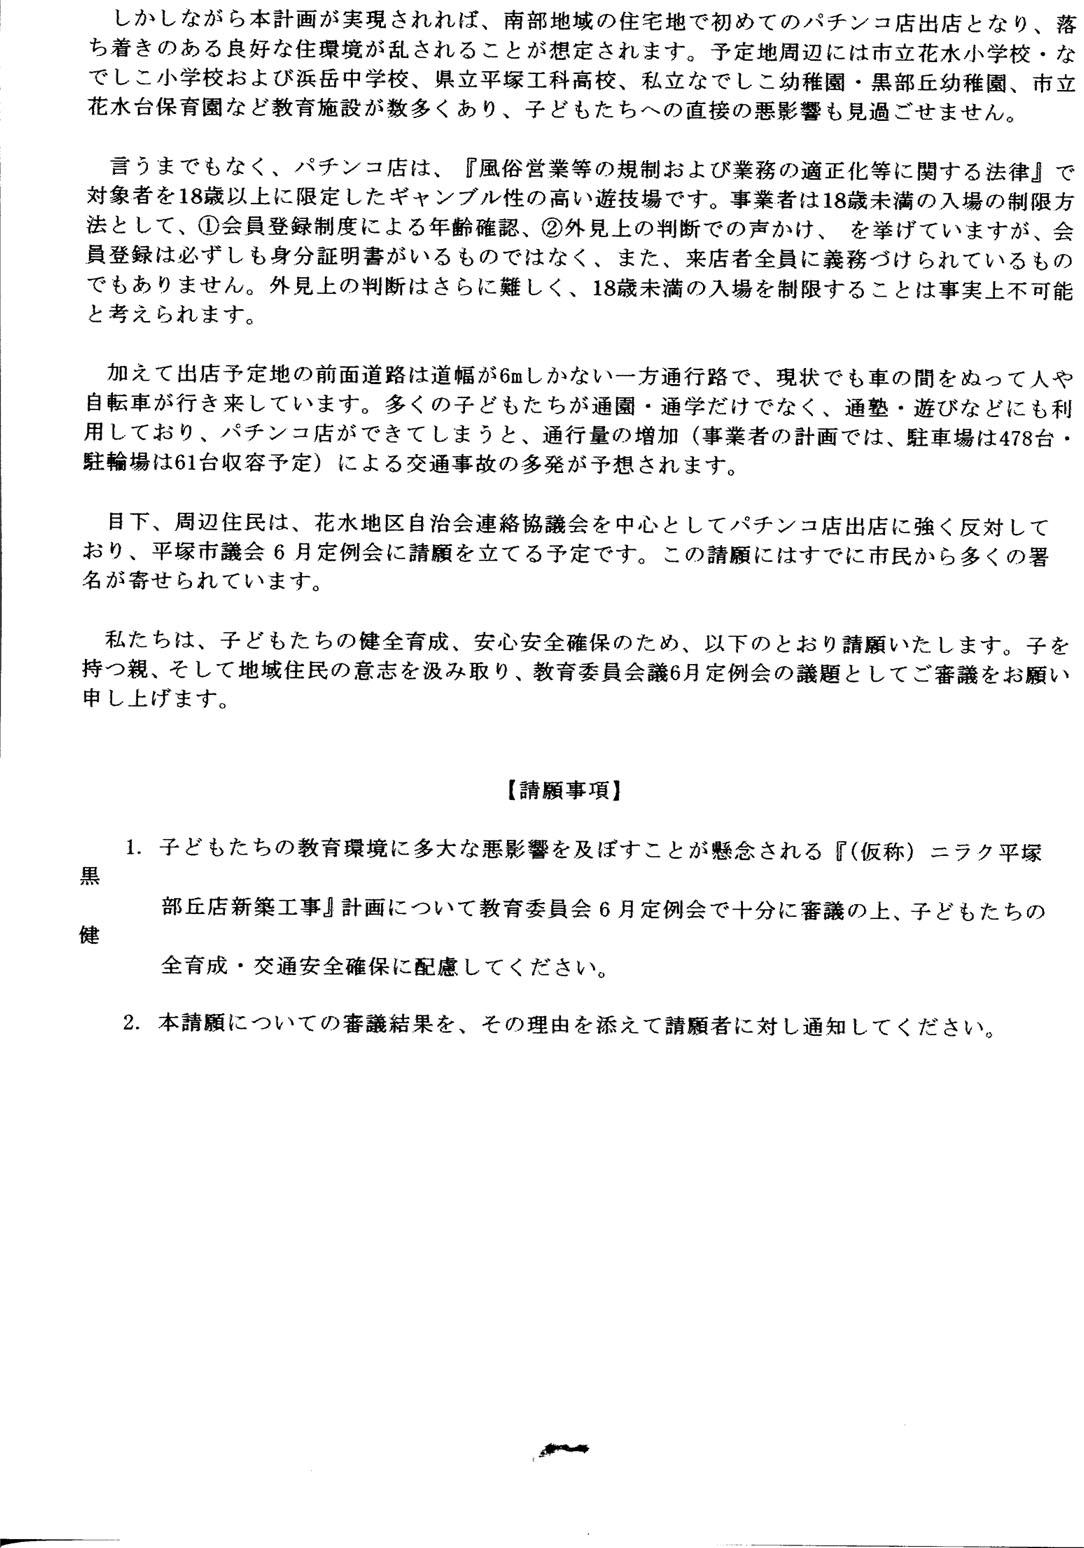 =2009/6/23= 教育委員会定例会で請願が審議される_d0034430_13595923.jpg